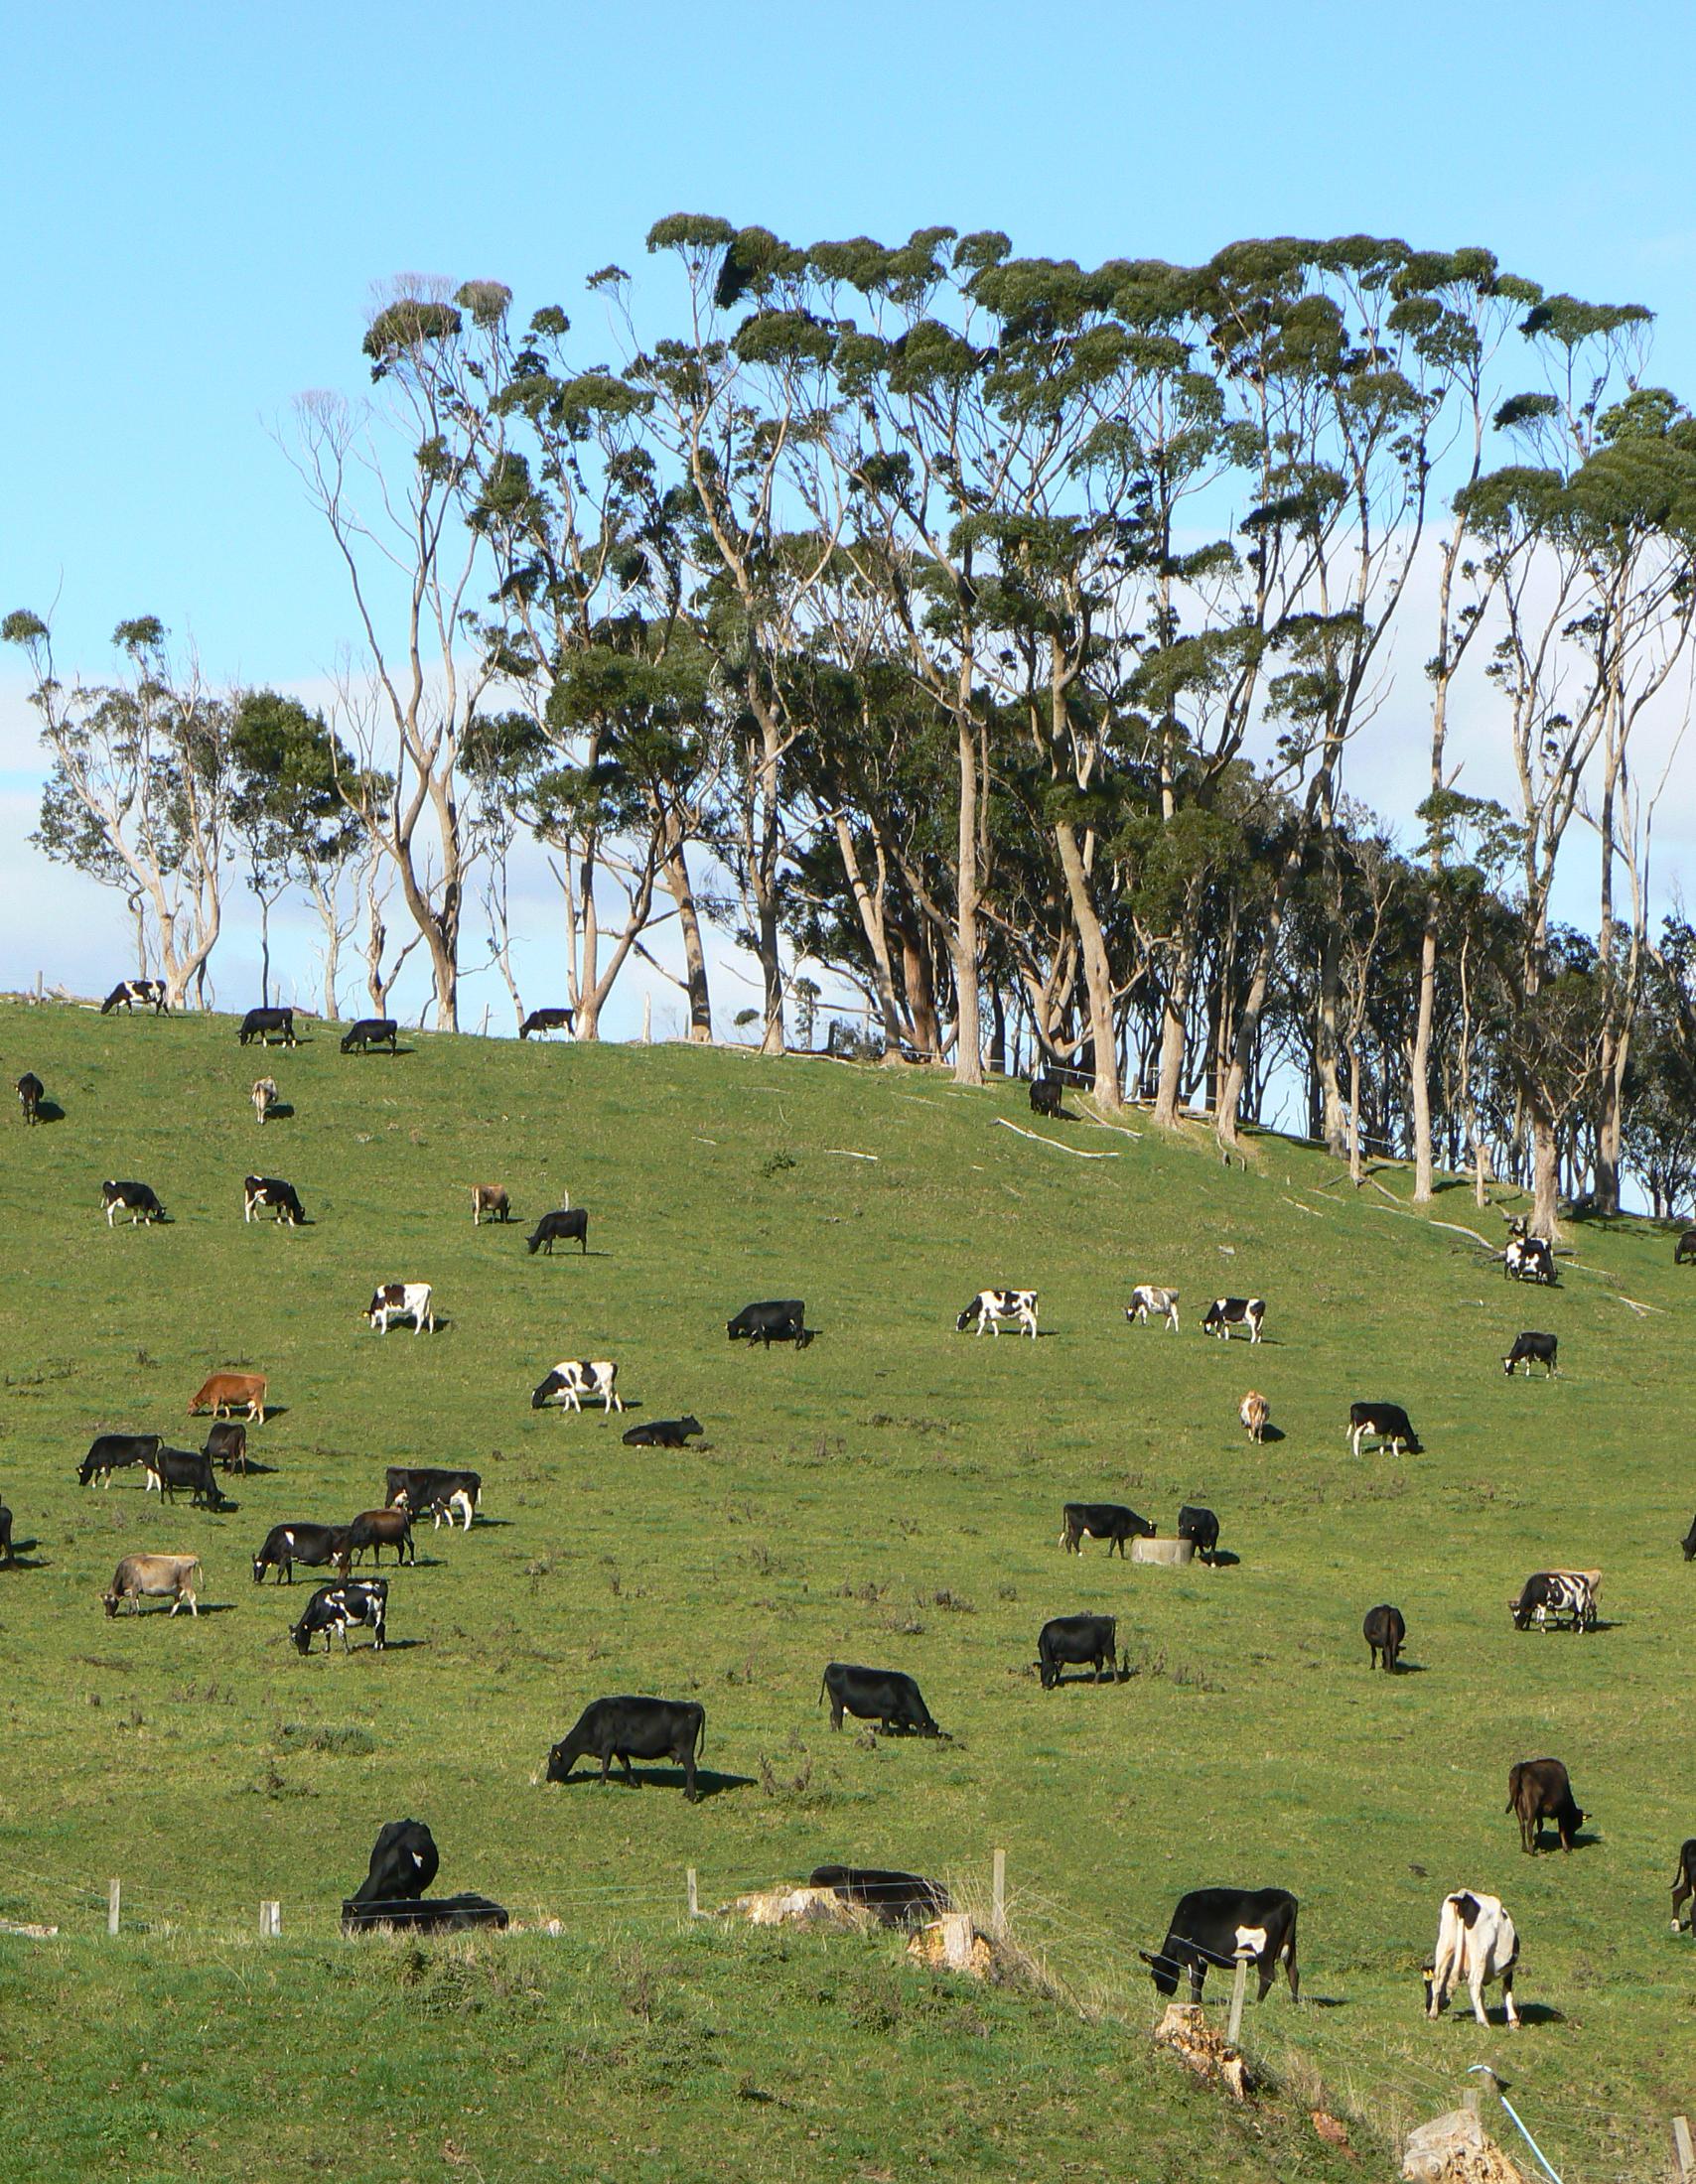 Las vacas son animales vertebrados, mamíferos y cuadrúpedos.